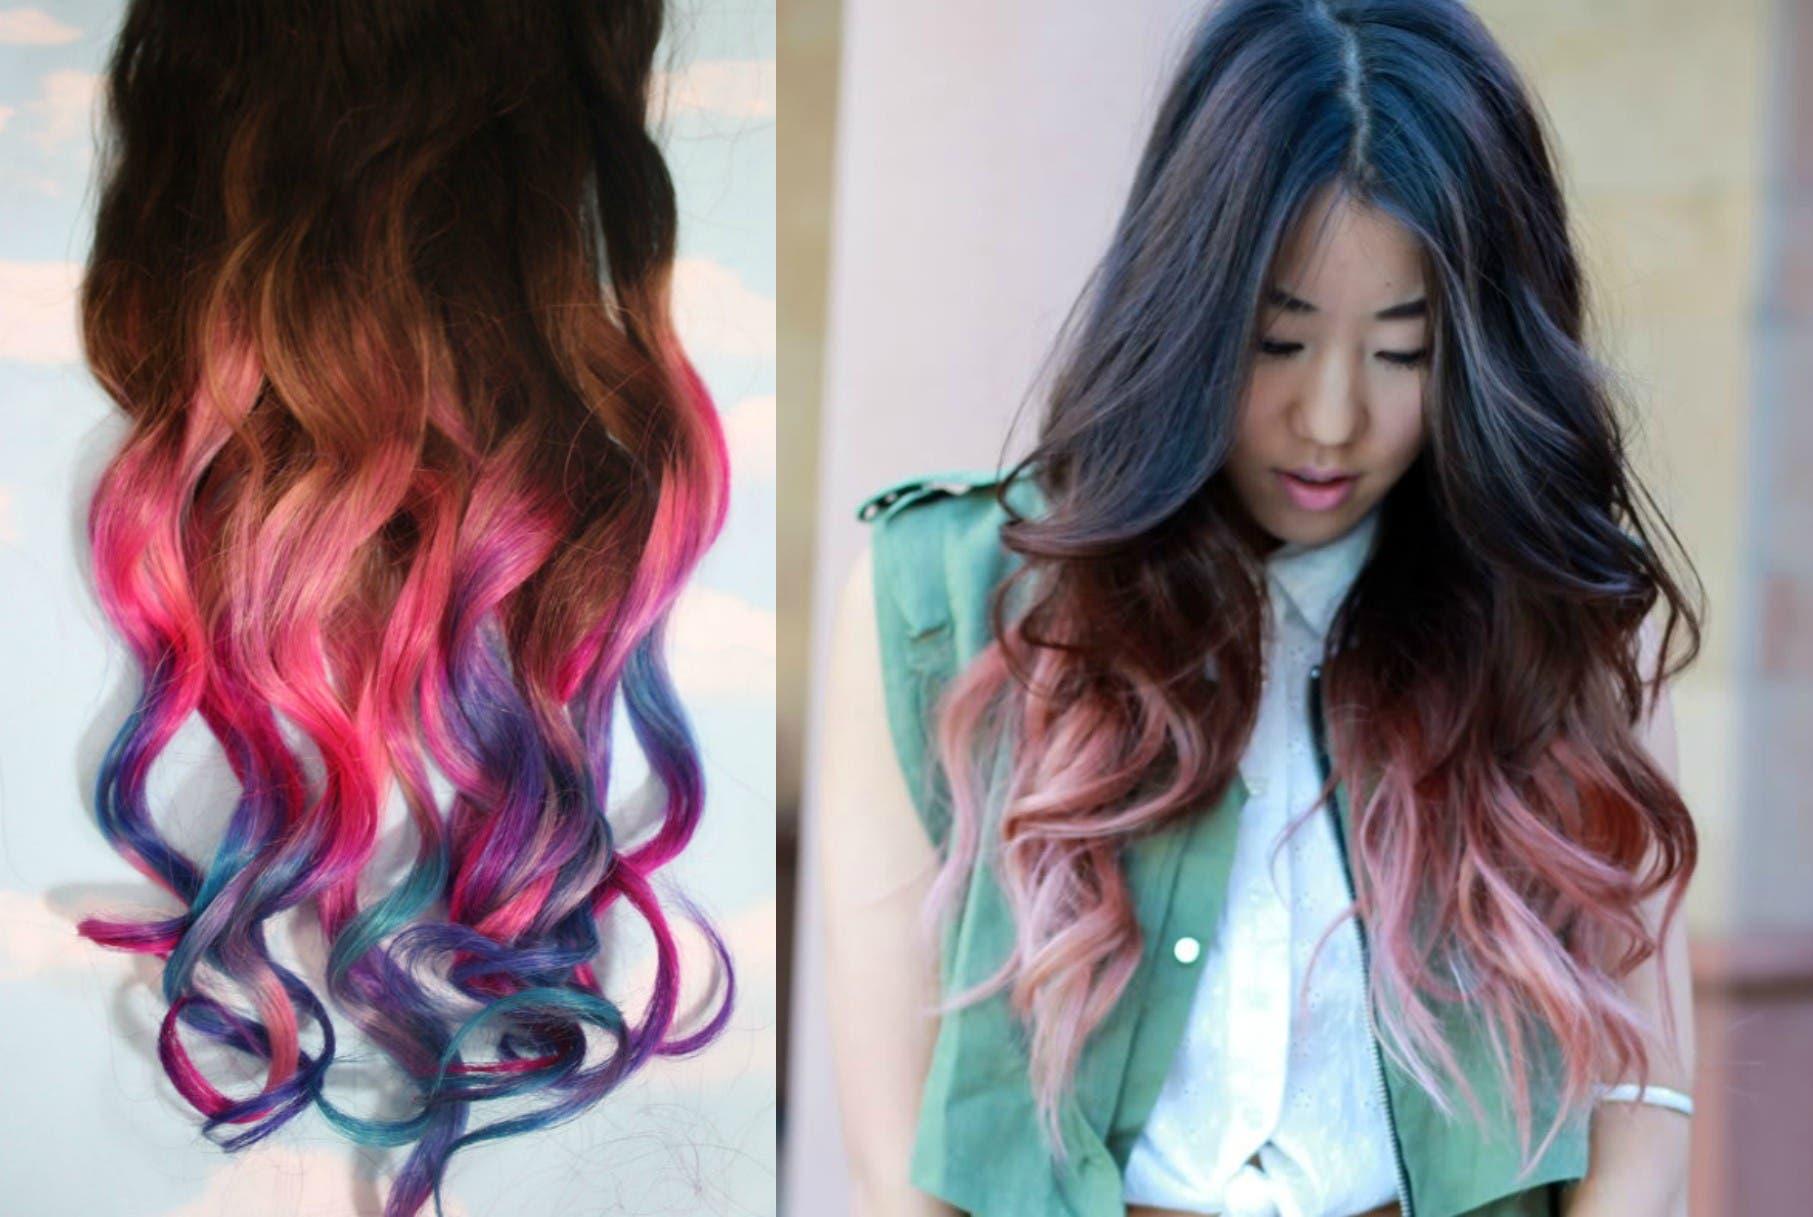 rainbow hair the right way